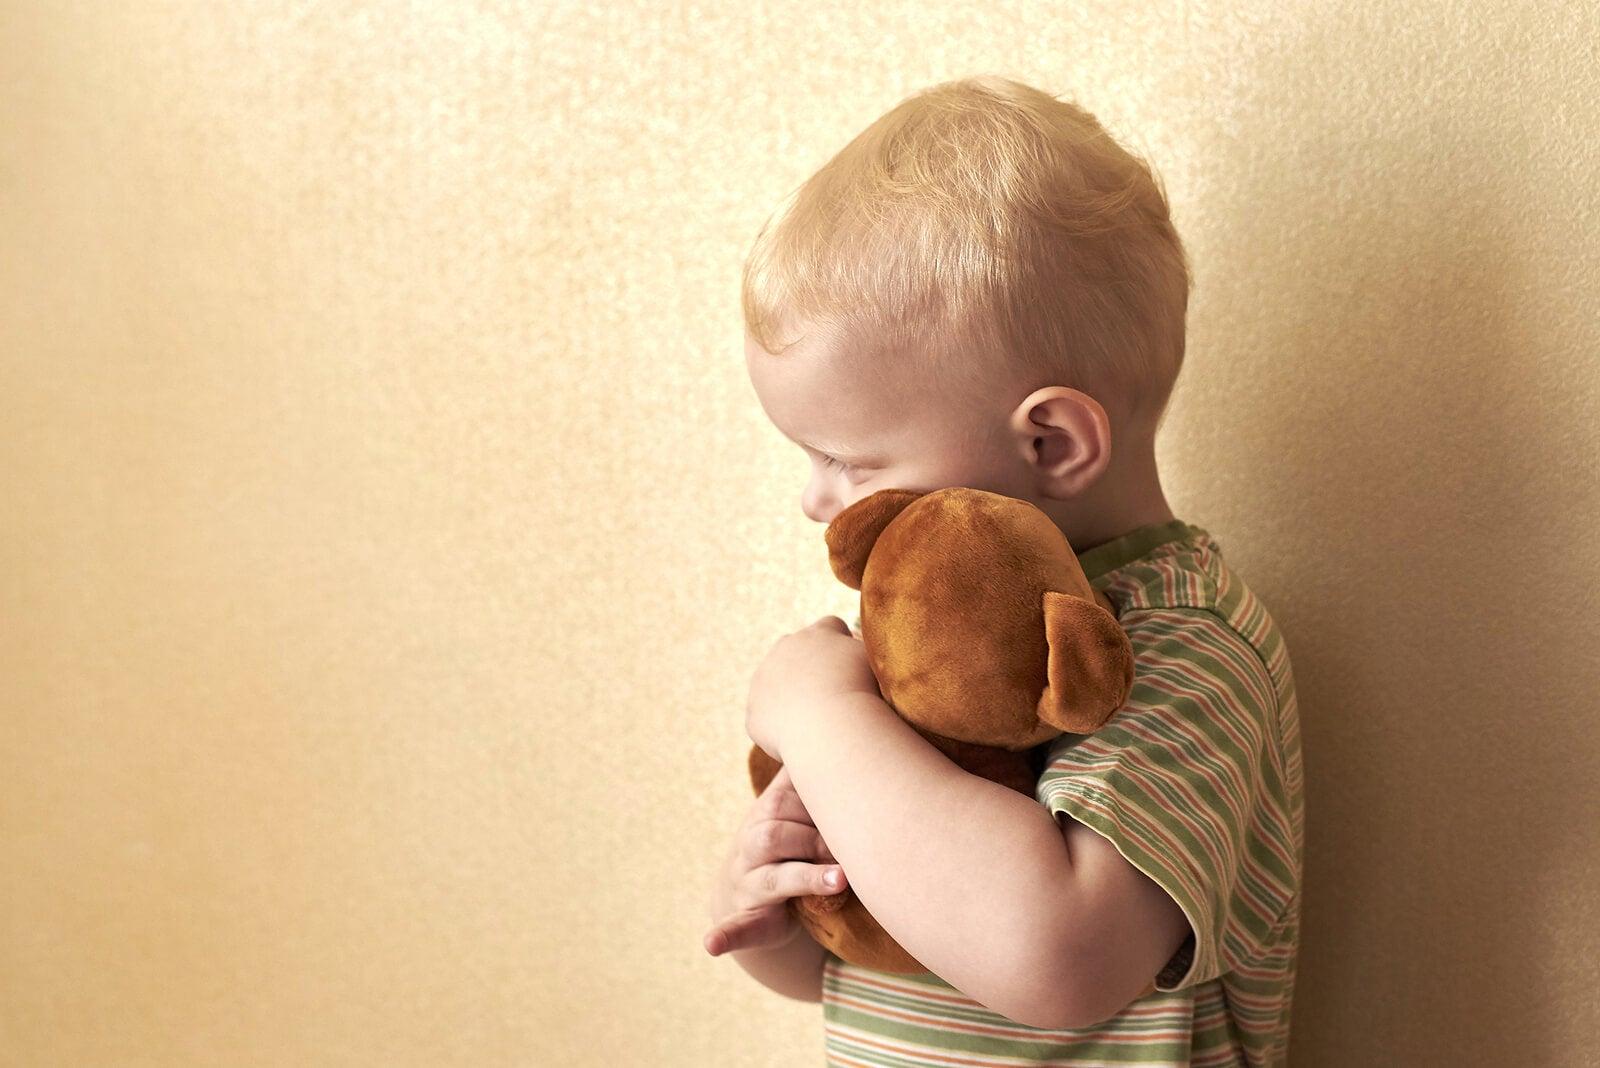 Niño abrazando un peluche porque tiene miedo a la muerte.